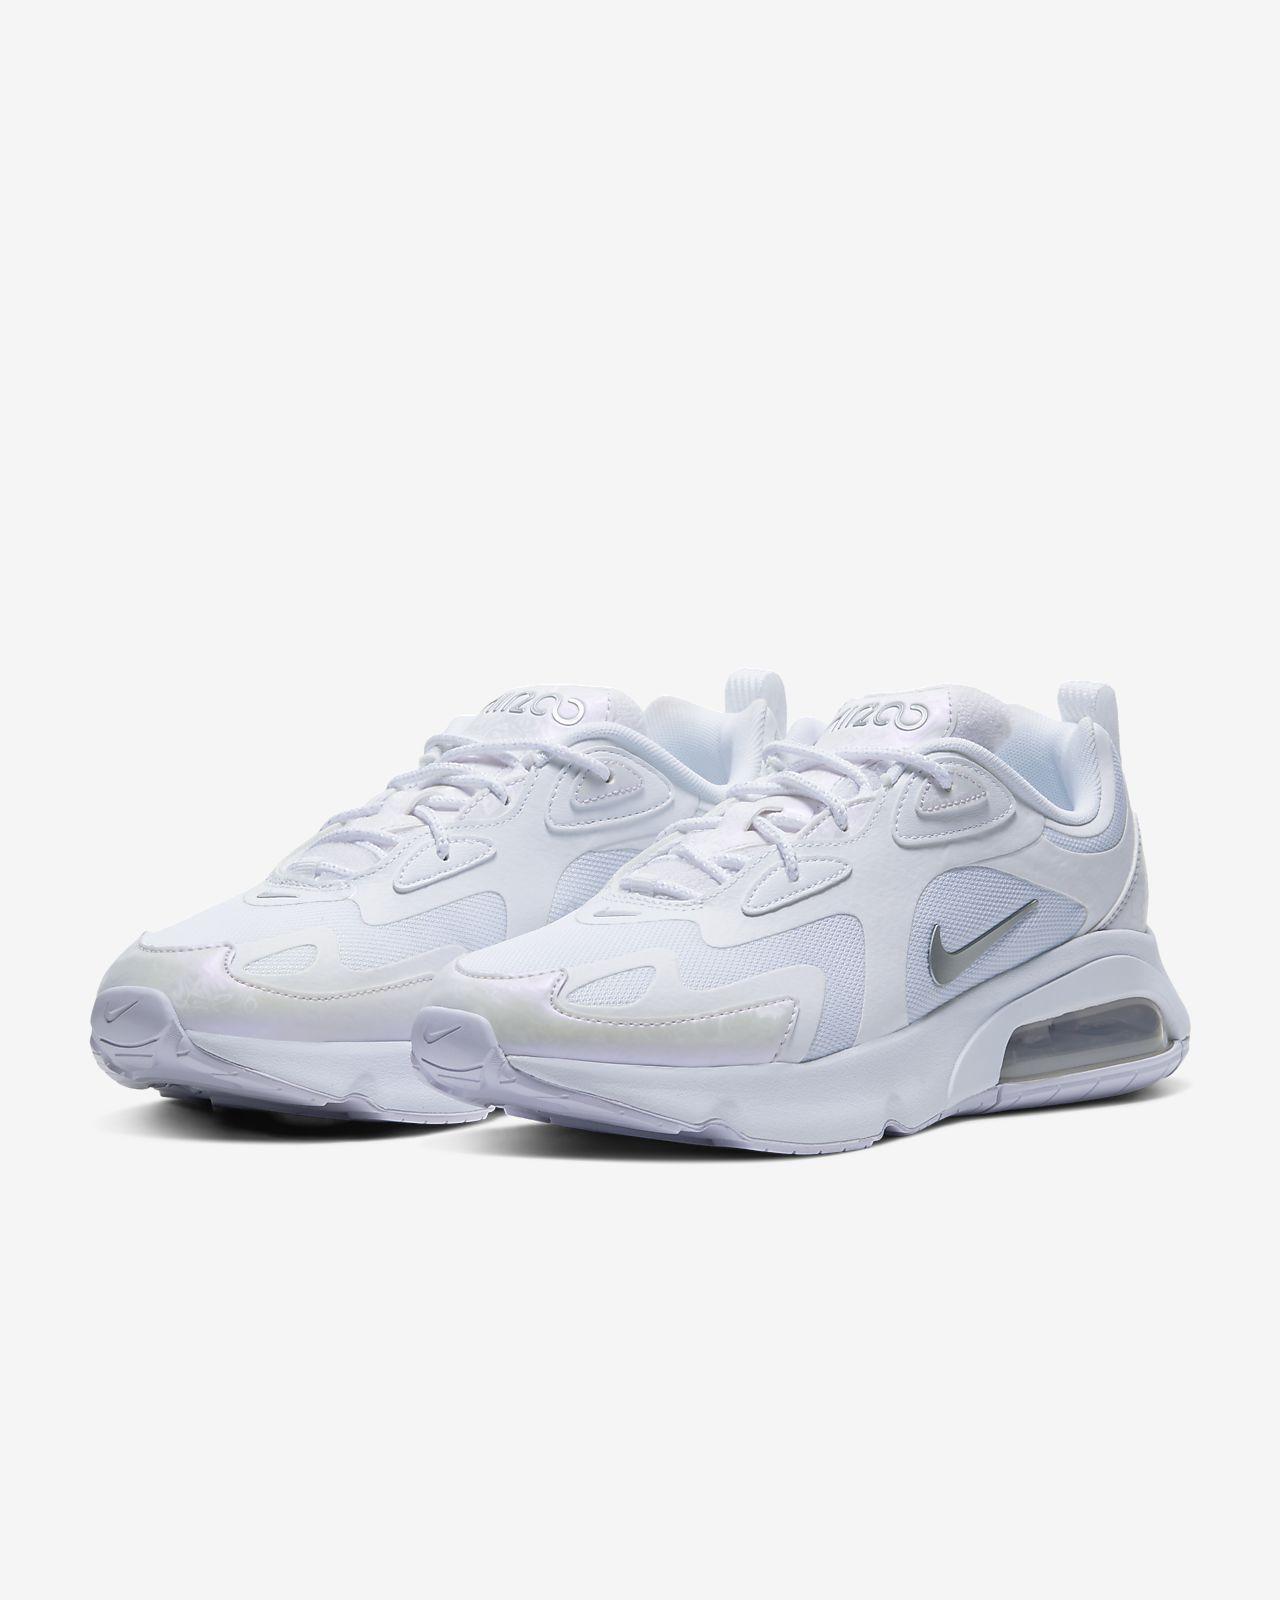 Nike Air Max 200 casual sko for kvinner